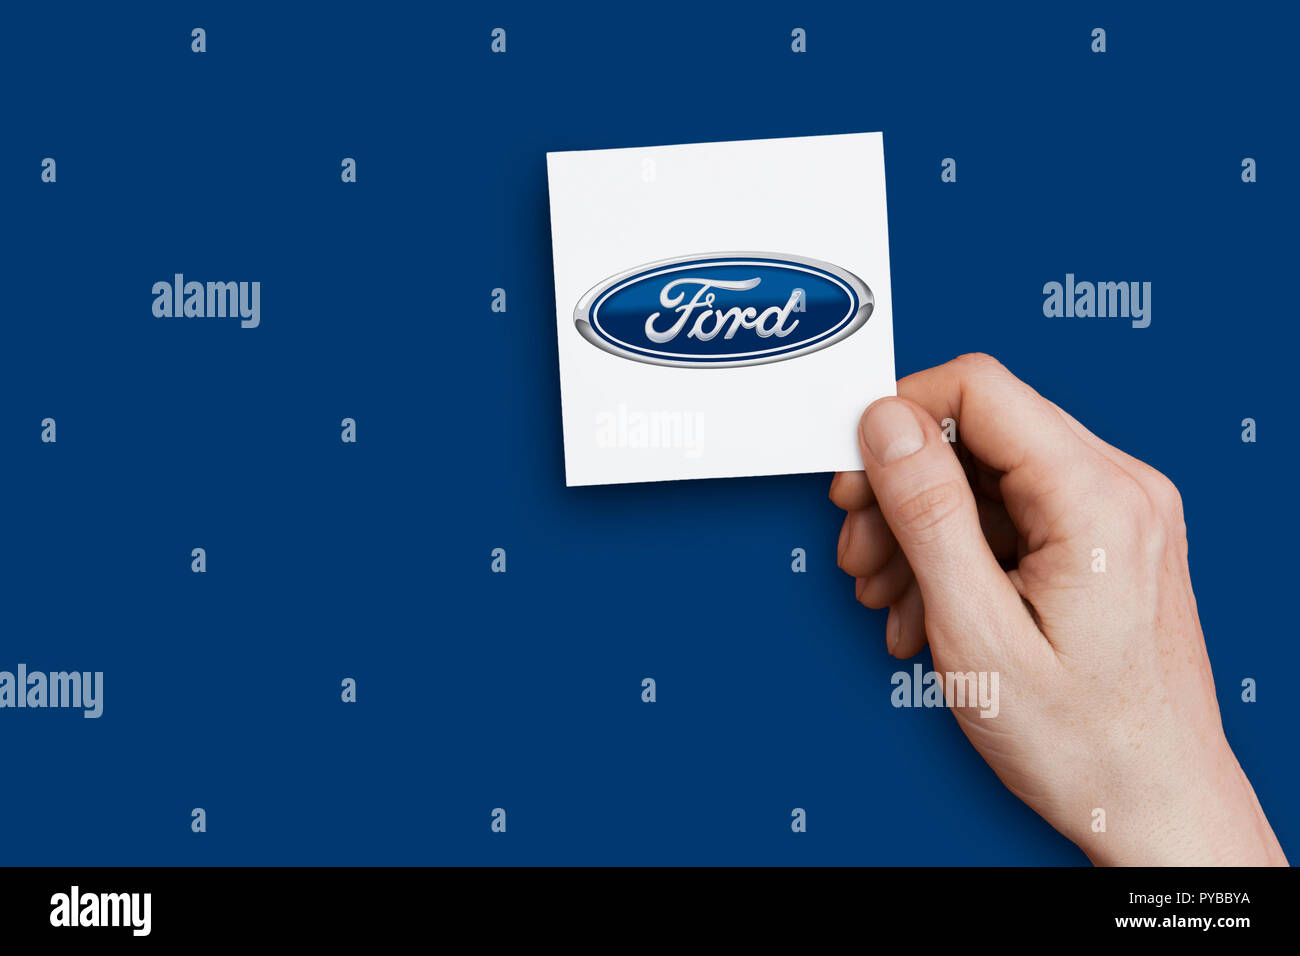 LONDON, UK, 26. Oktober 2018: die Hand mit einem Ford Logo. Ford ist ein Hersteller von Automobilen. Stockbild